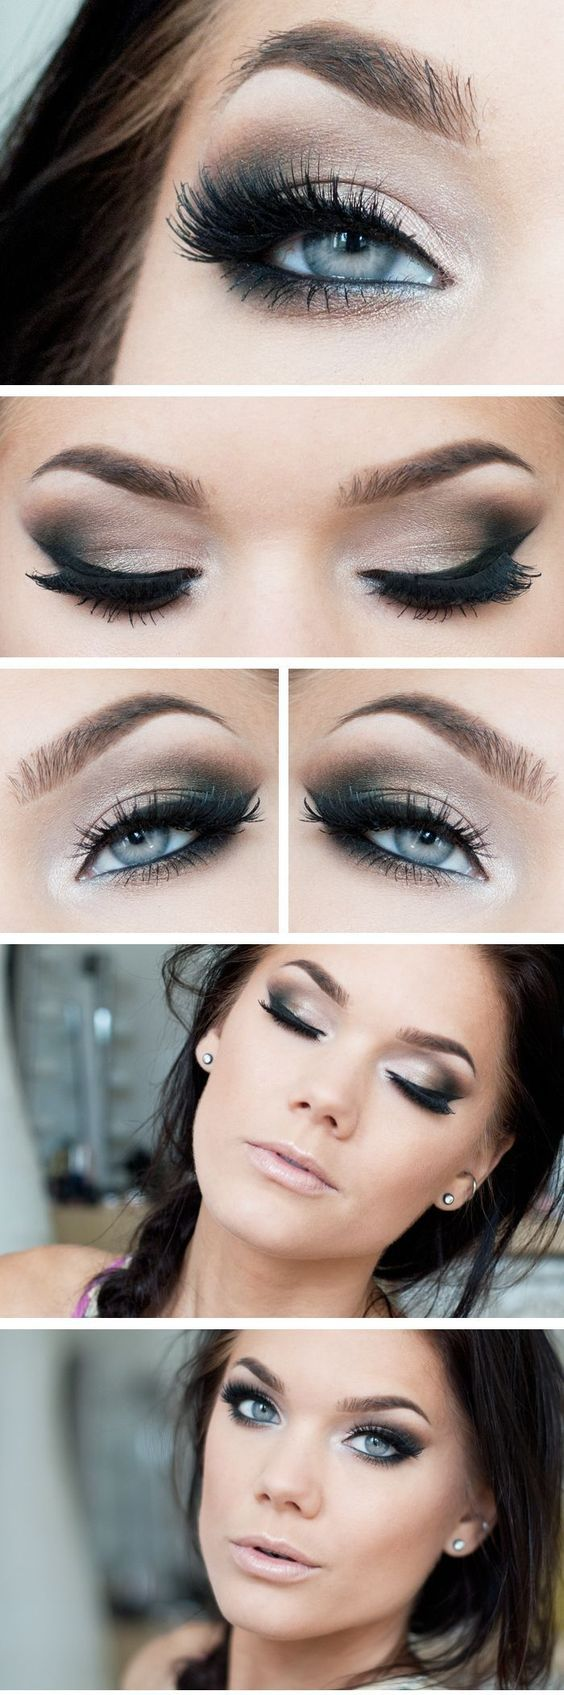 Photo of 10 tolle Augen Make-up sucht nach blauen Augen